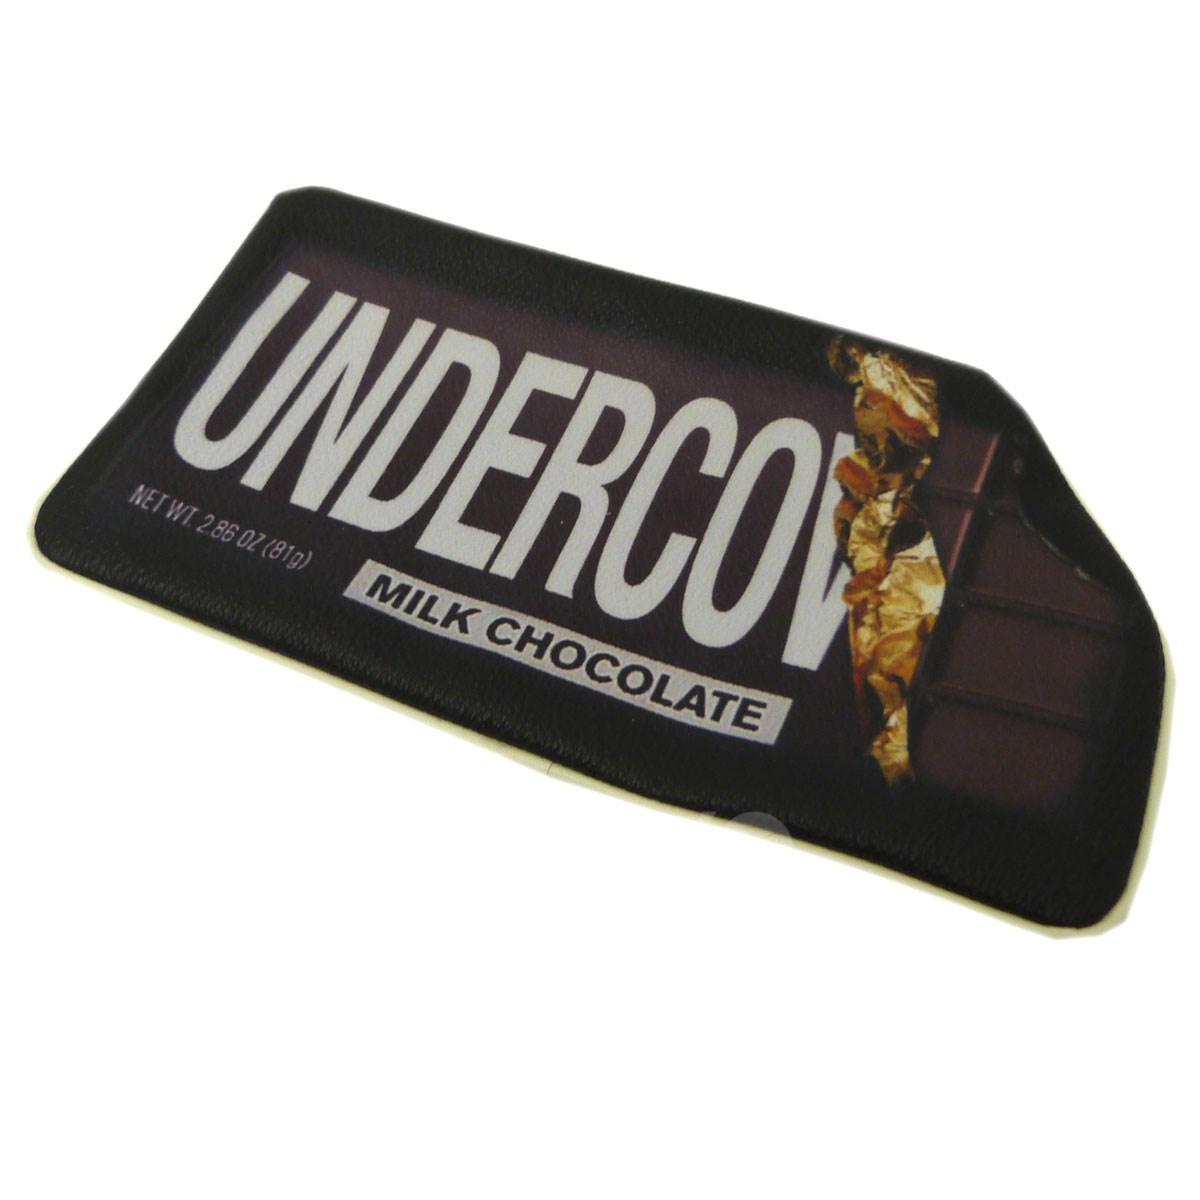 【中古】UNDER COVER 14SSチョコレート転写ポーチ ブラック×ホワイト サイズ:- 【181118】(アンダーカバー)